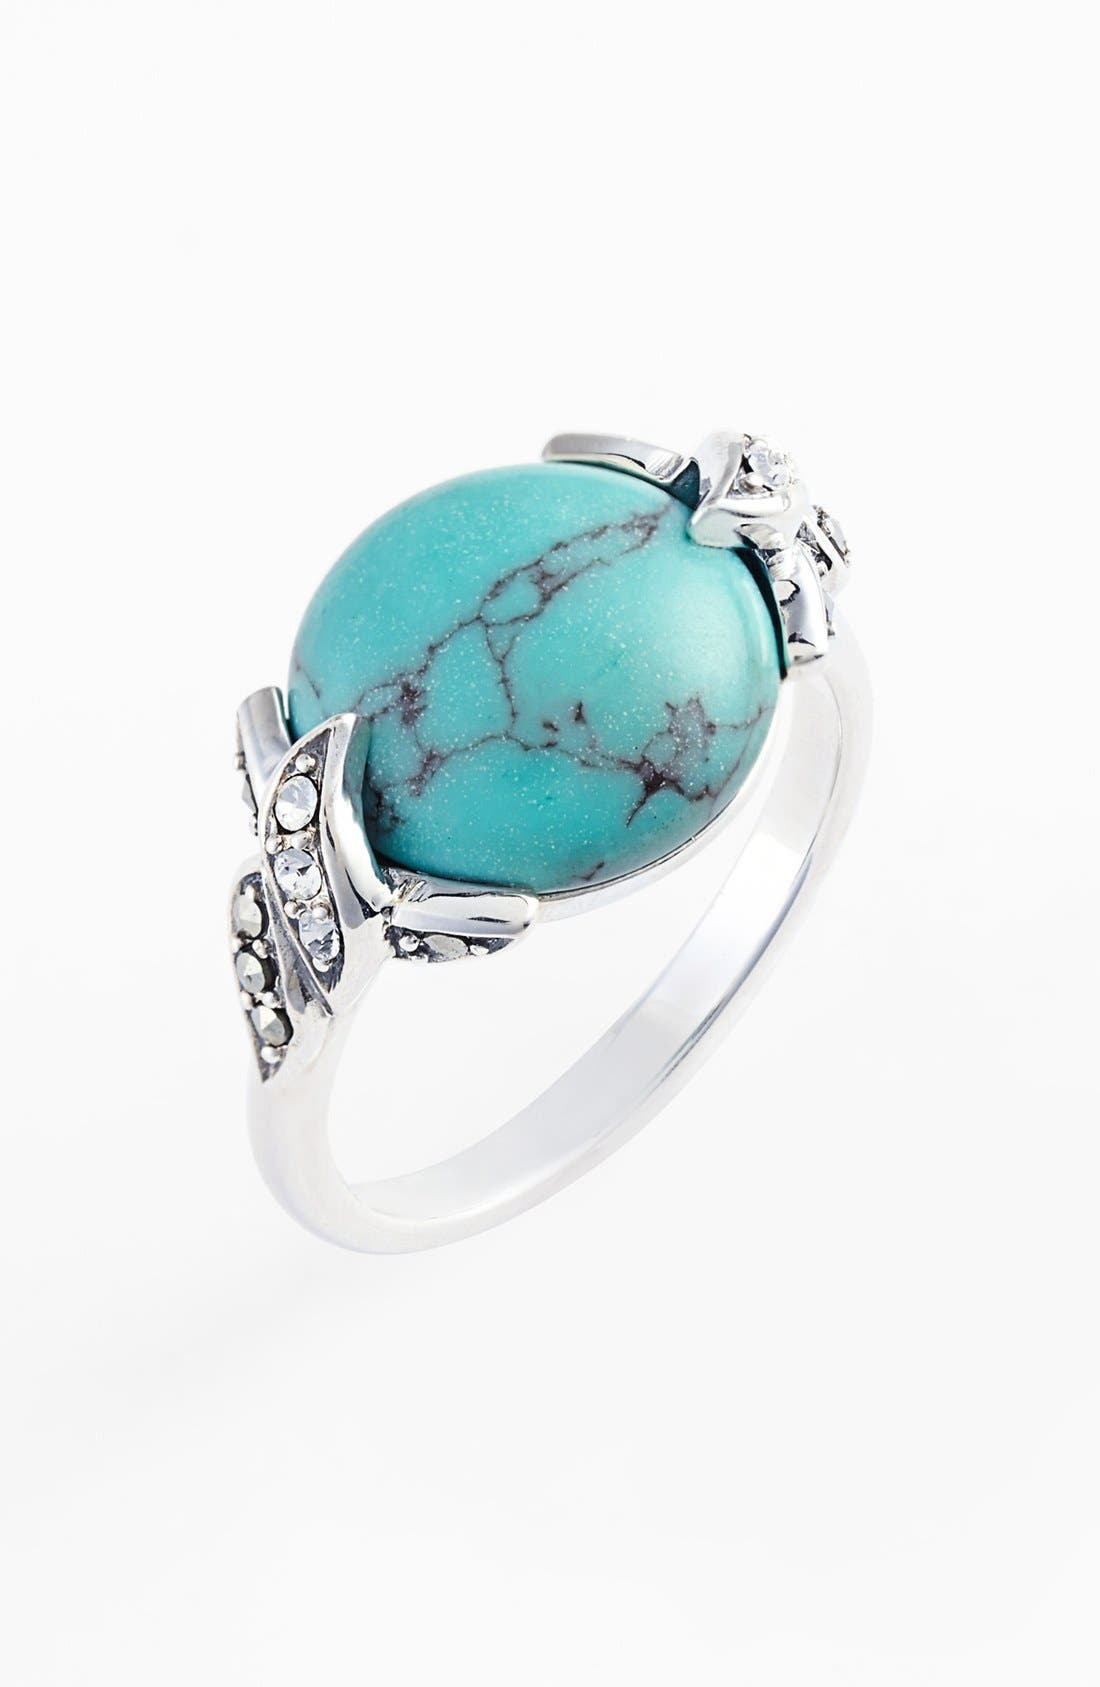 Alternate Image 1 Selected - Judith Jack 'Paradise' Turquoise Stone Ring